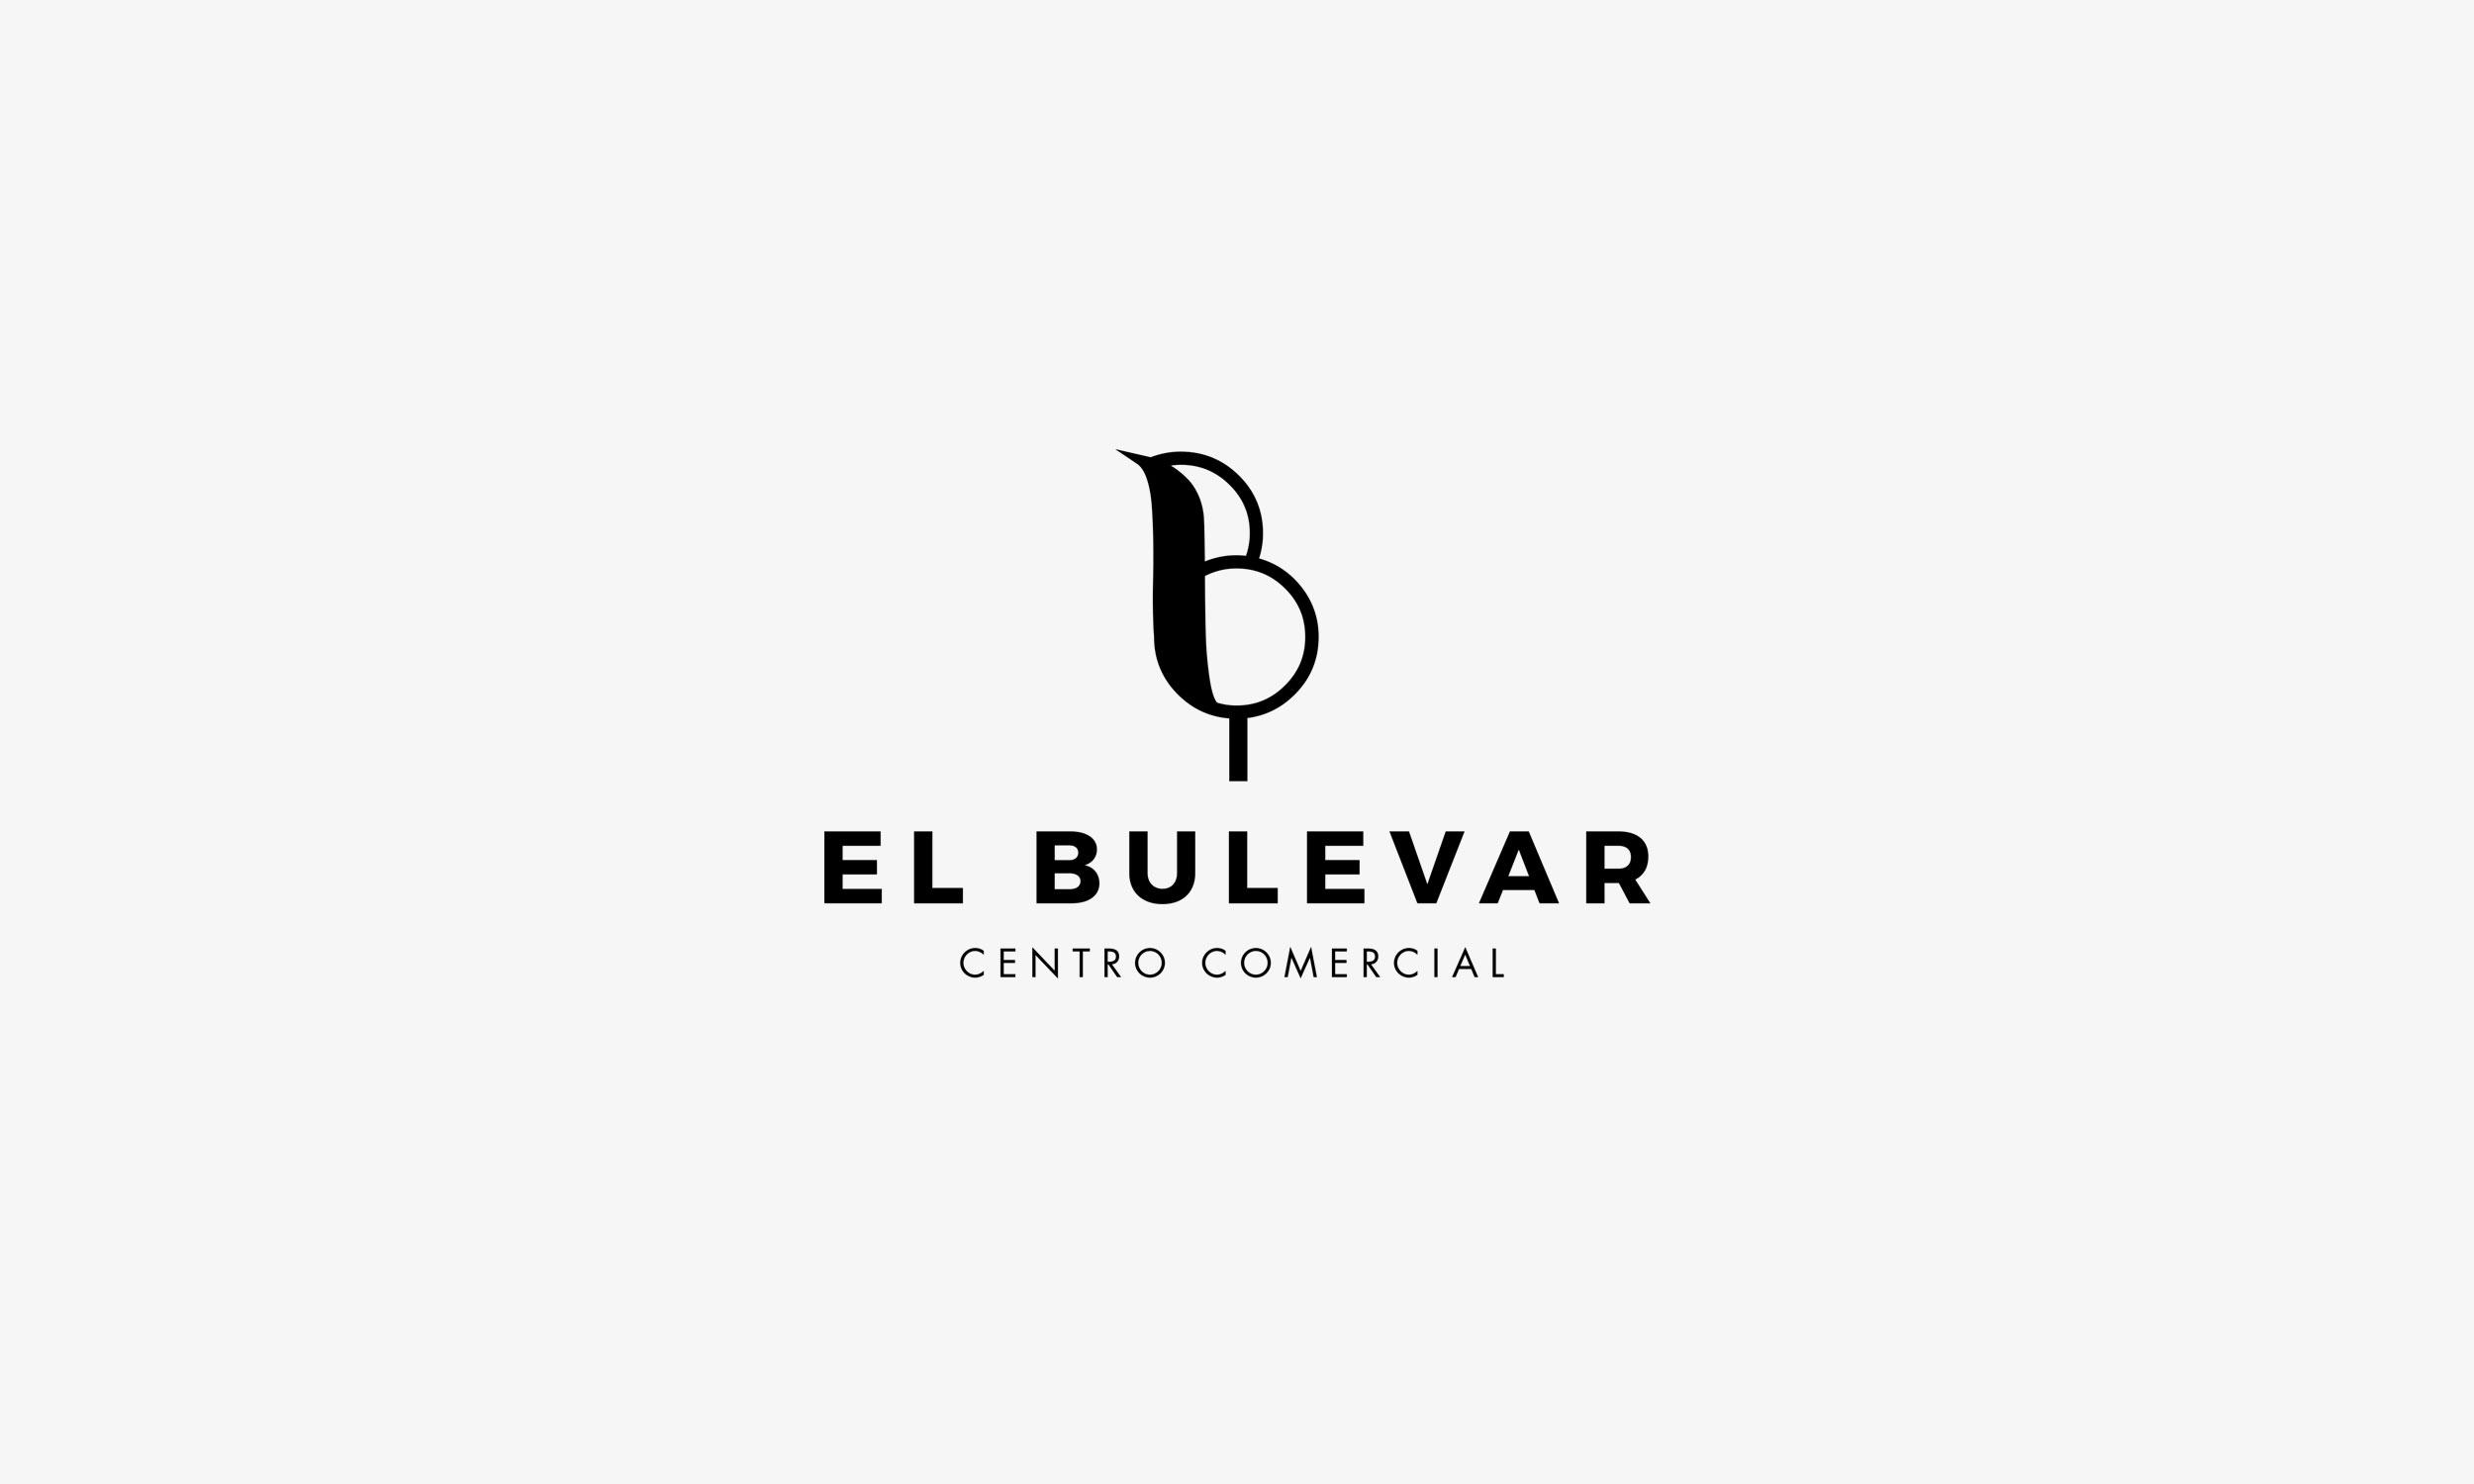 BULEVAR-LOGO